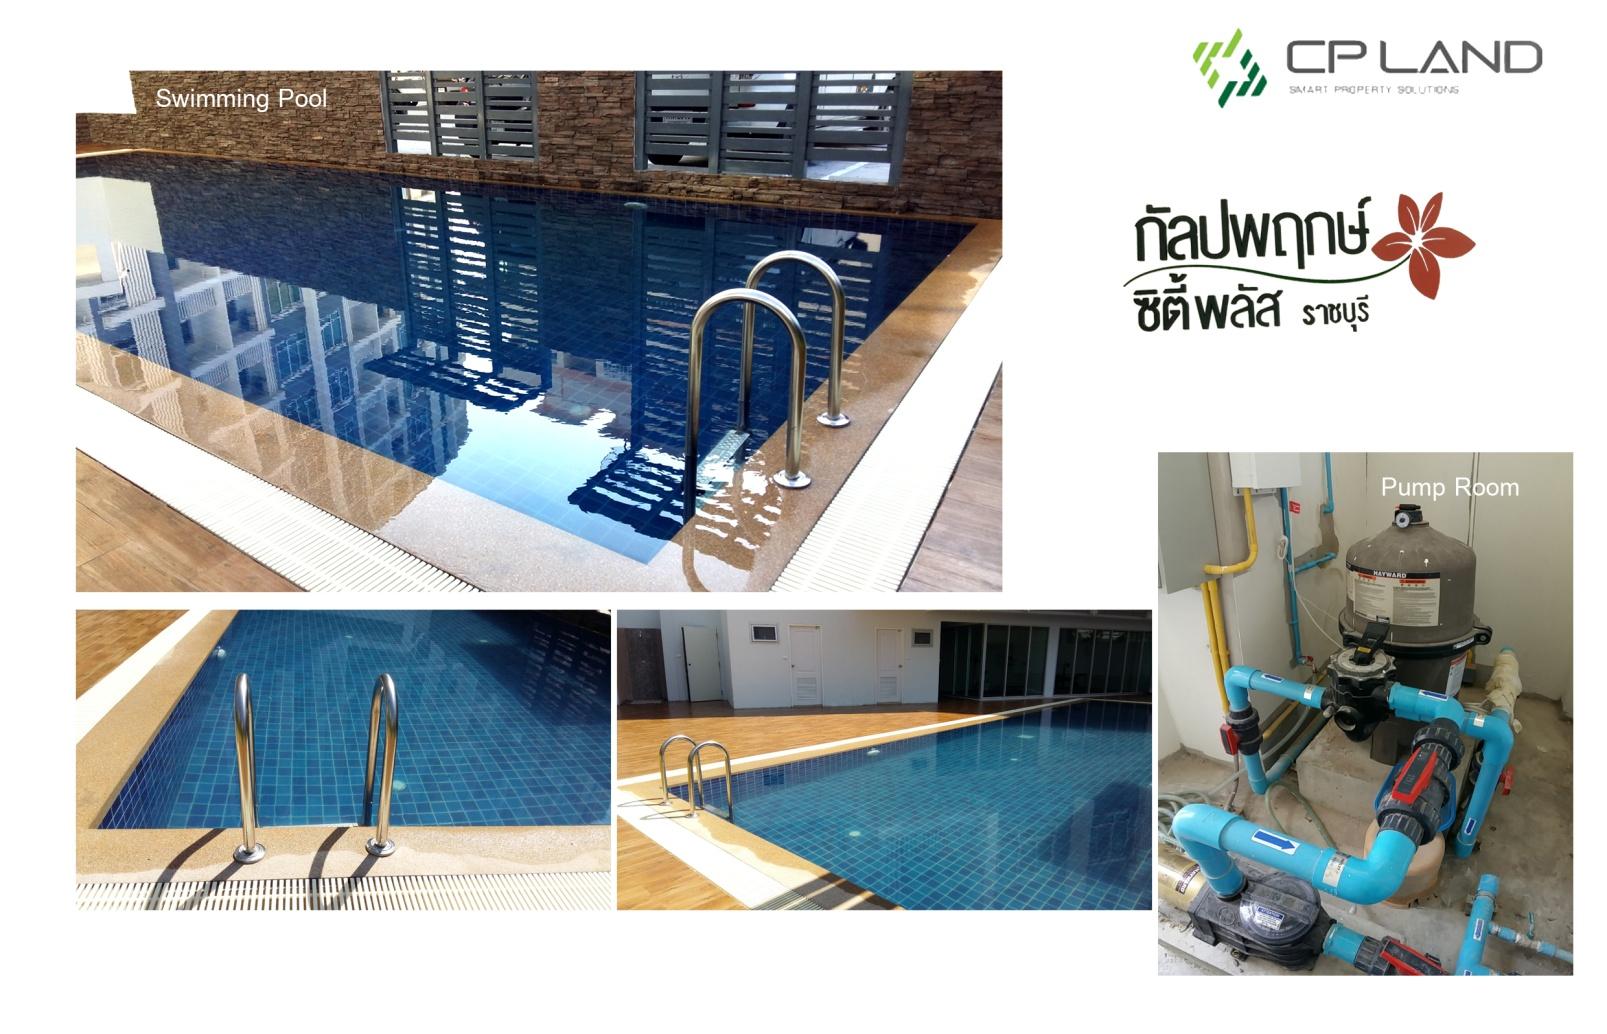 ติดตั้งงานระบบและอุปกรณ์สระว่ายน้ำ โครงการ กัลปพฤกษ์ ซิตี้พลัส ราชบุรี (Gater - CP Land)